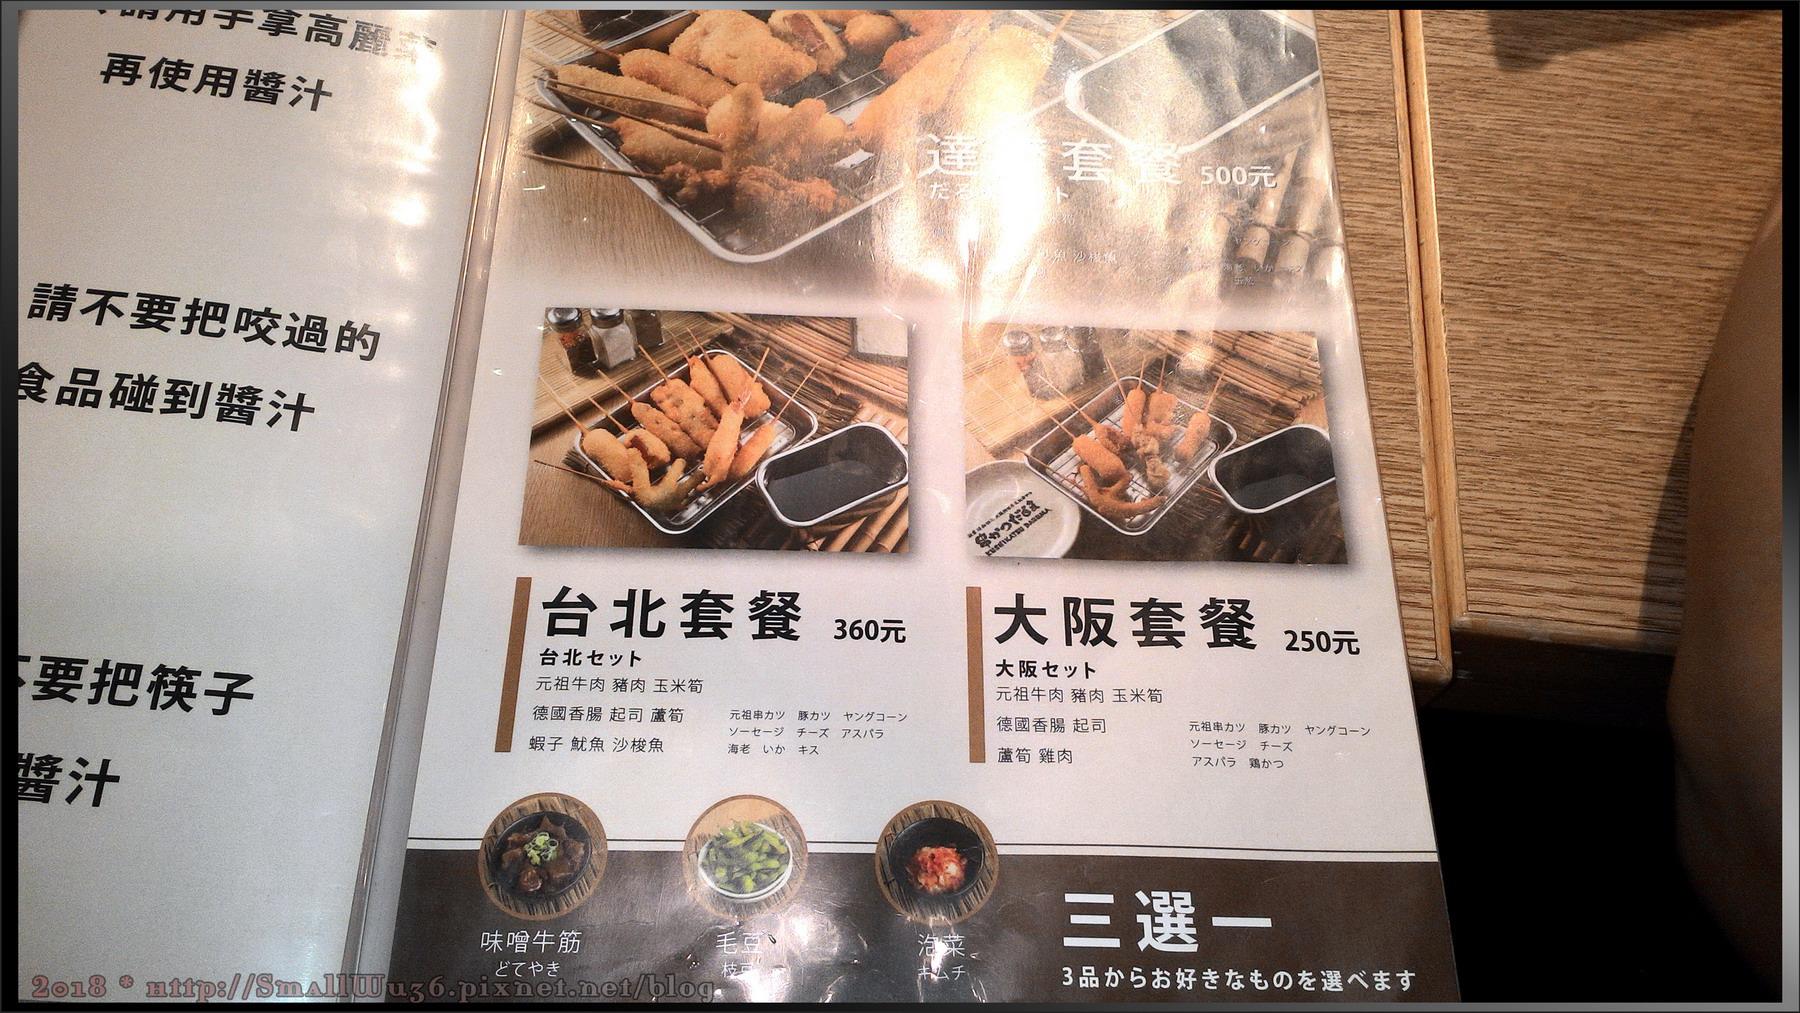 [019]台北中山站-串炸達摩-菜單MENU.jpg